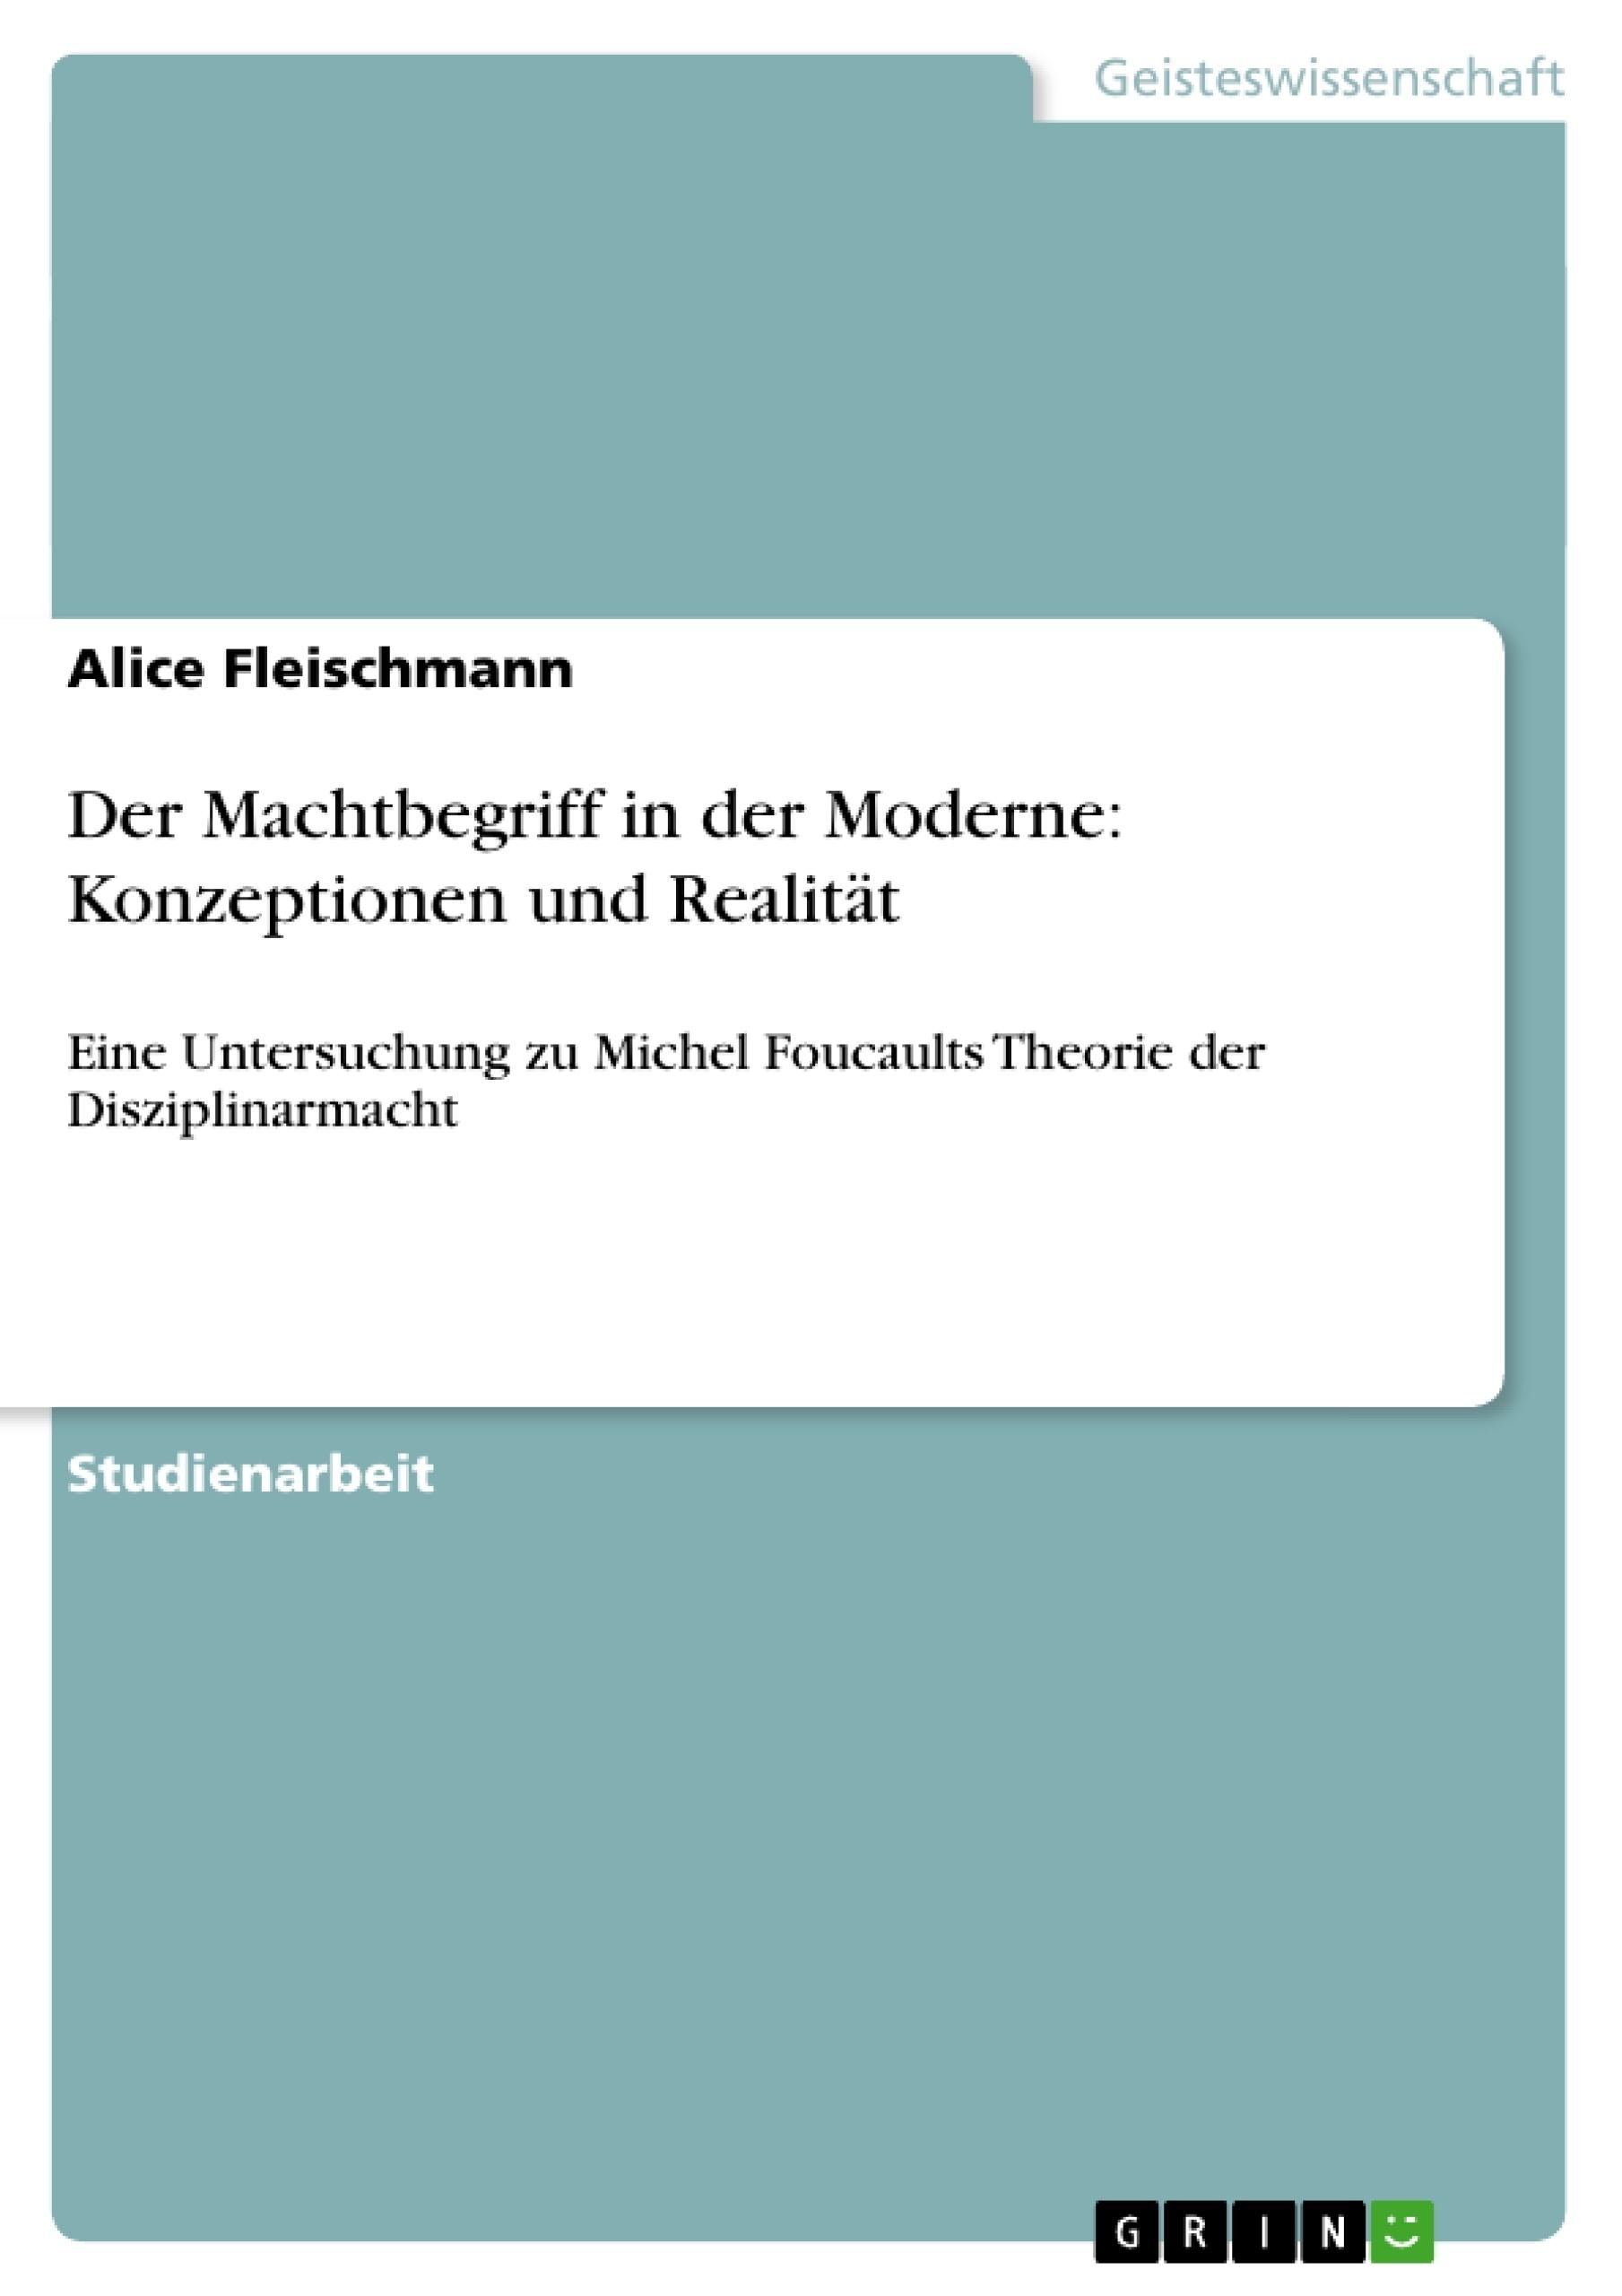 Titel: Der Machtbegriff in der Moderne: Konzeptionen und Realität